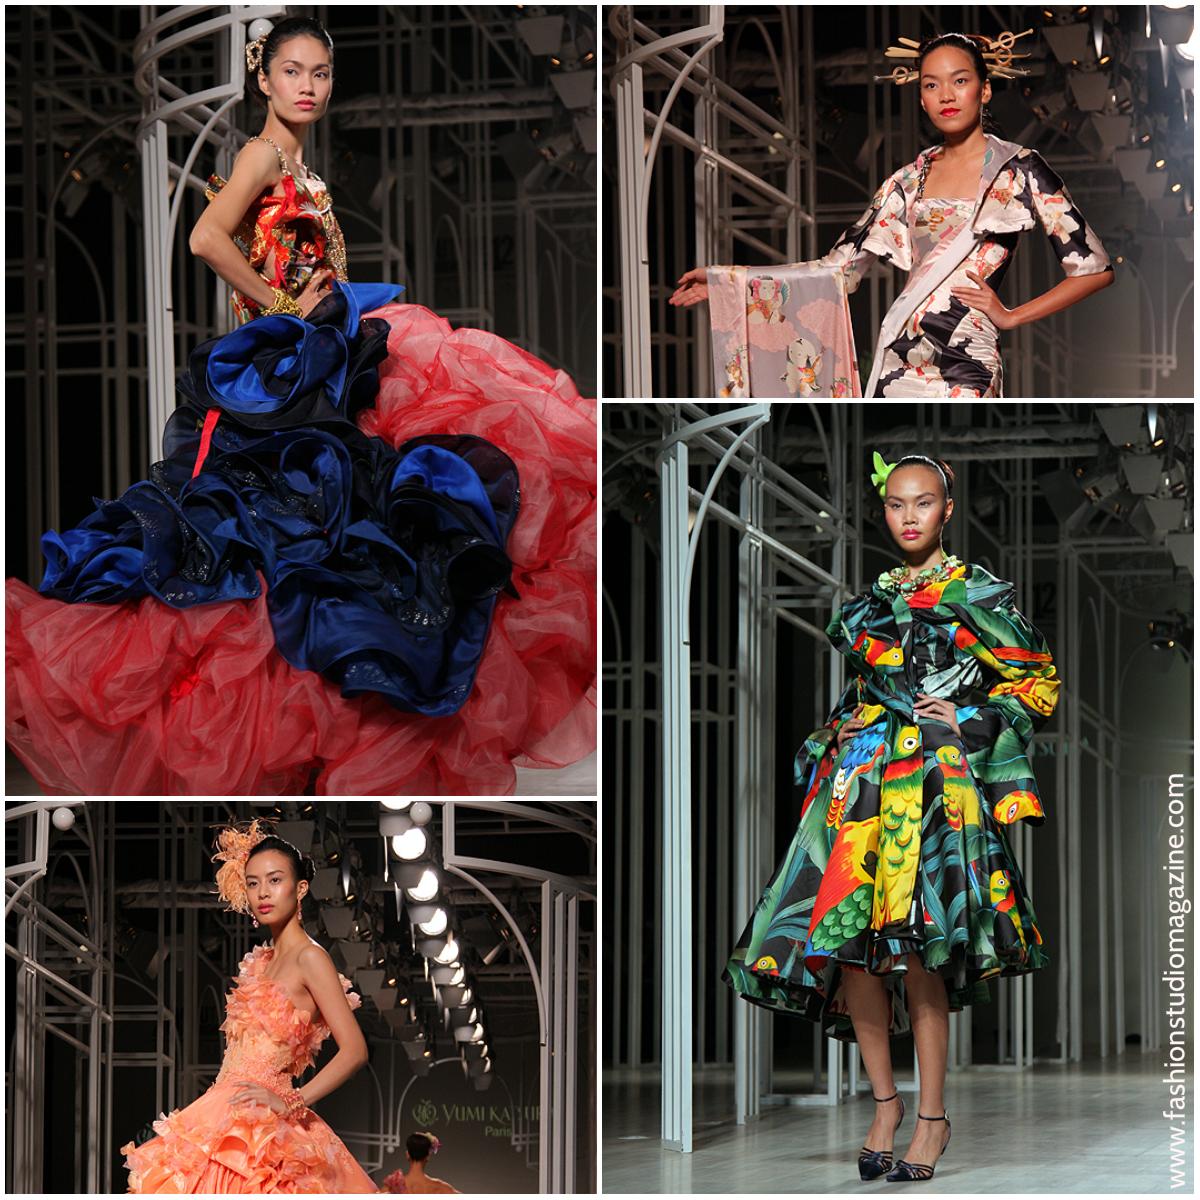 Fashion Studio Magazine International Couture Fashion Week 2012 Yumi Katsura